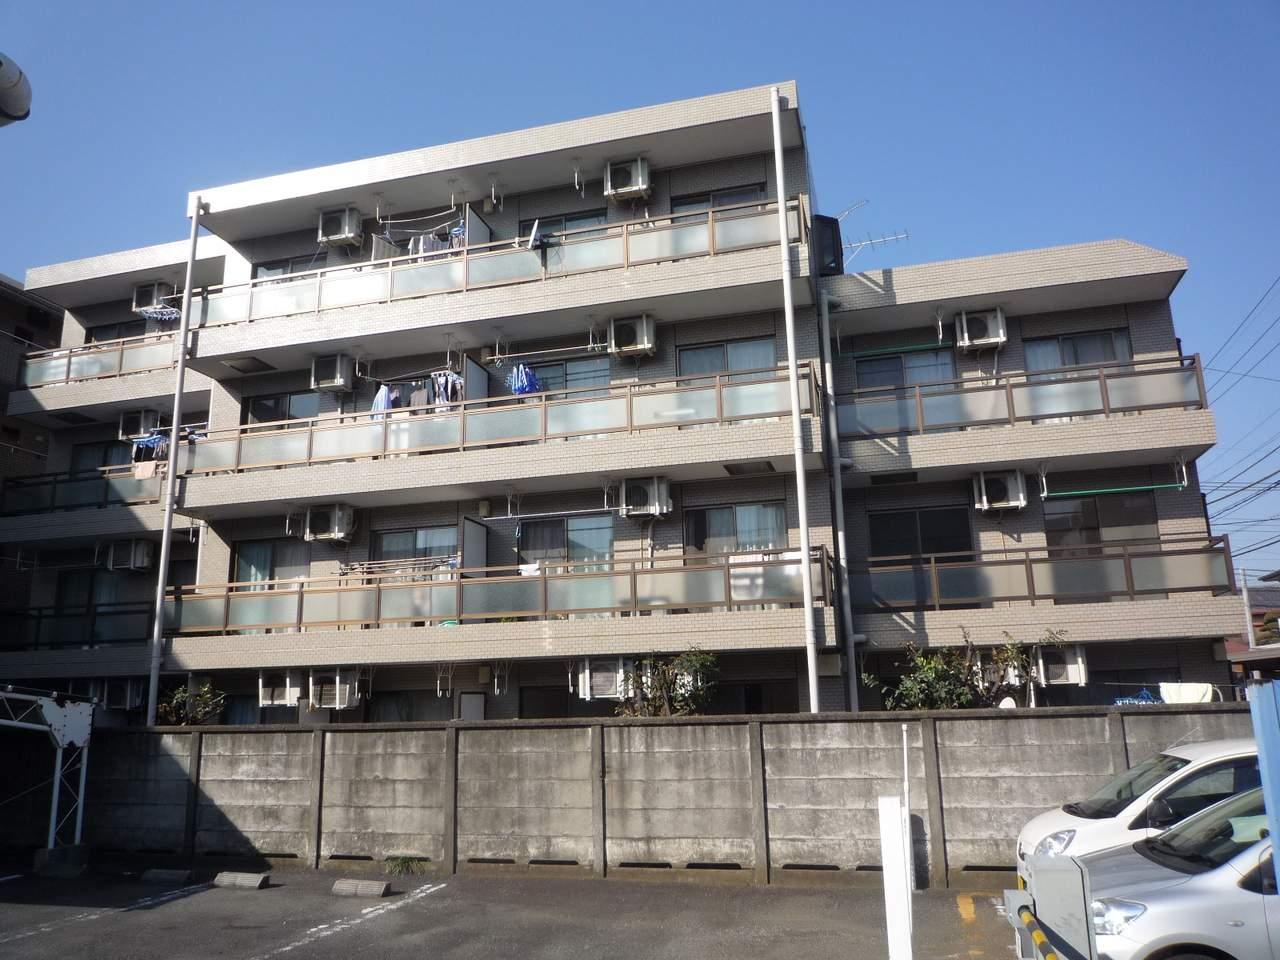 神奈川県相模原市南区、相模大野駅徒歩15分の築27年 4階建の賃貸マンション